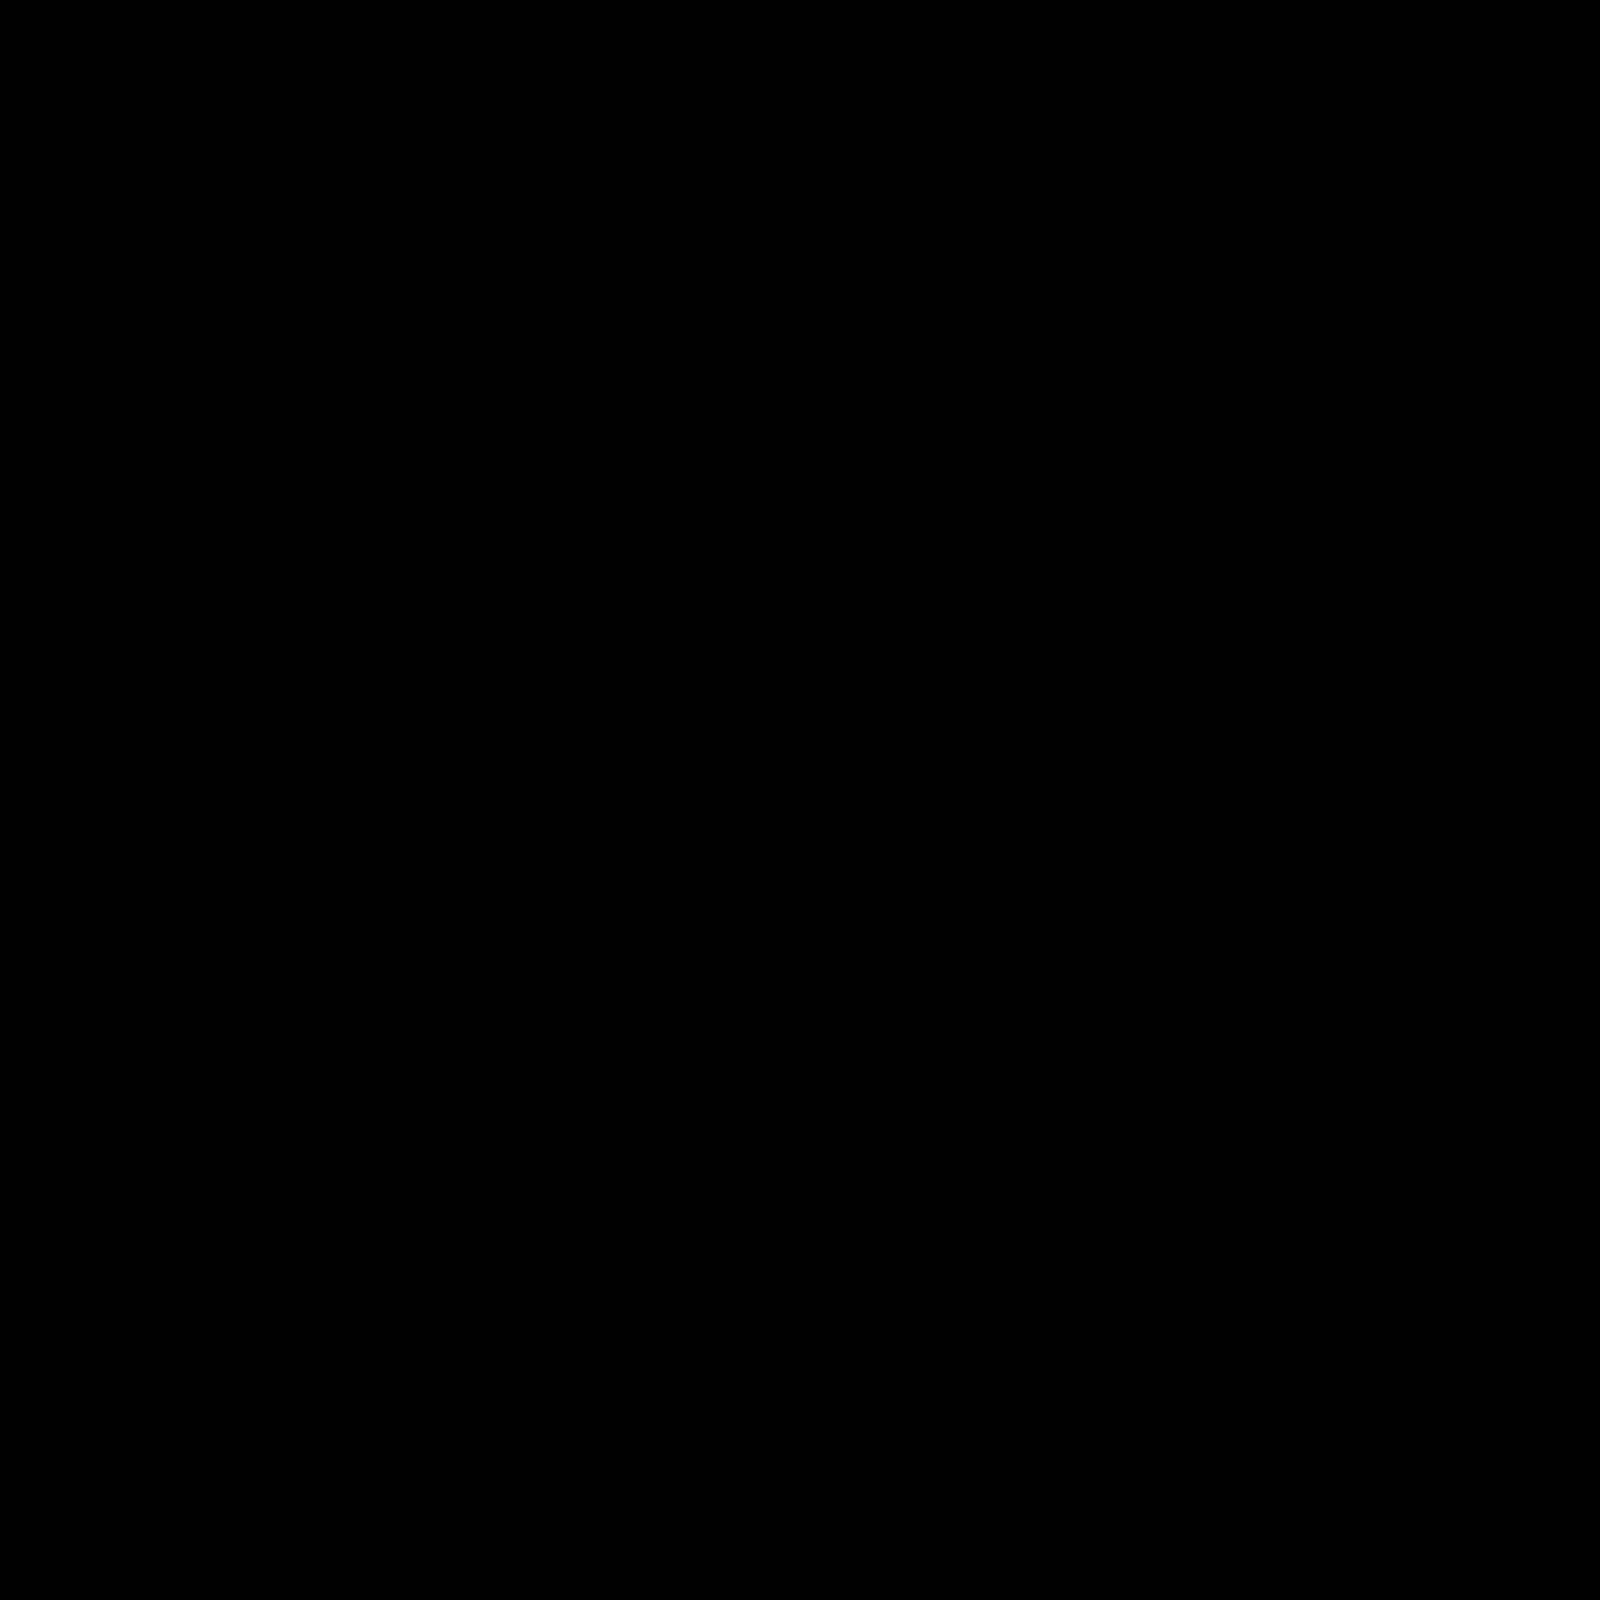 中立 icon. This icon is depicting a face with a completely neutral expression. It is comprised of two circles for eyes and a straight line as its mouth within a larger circle.